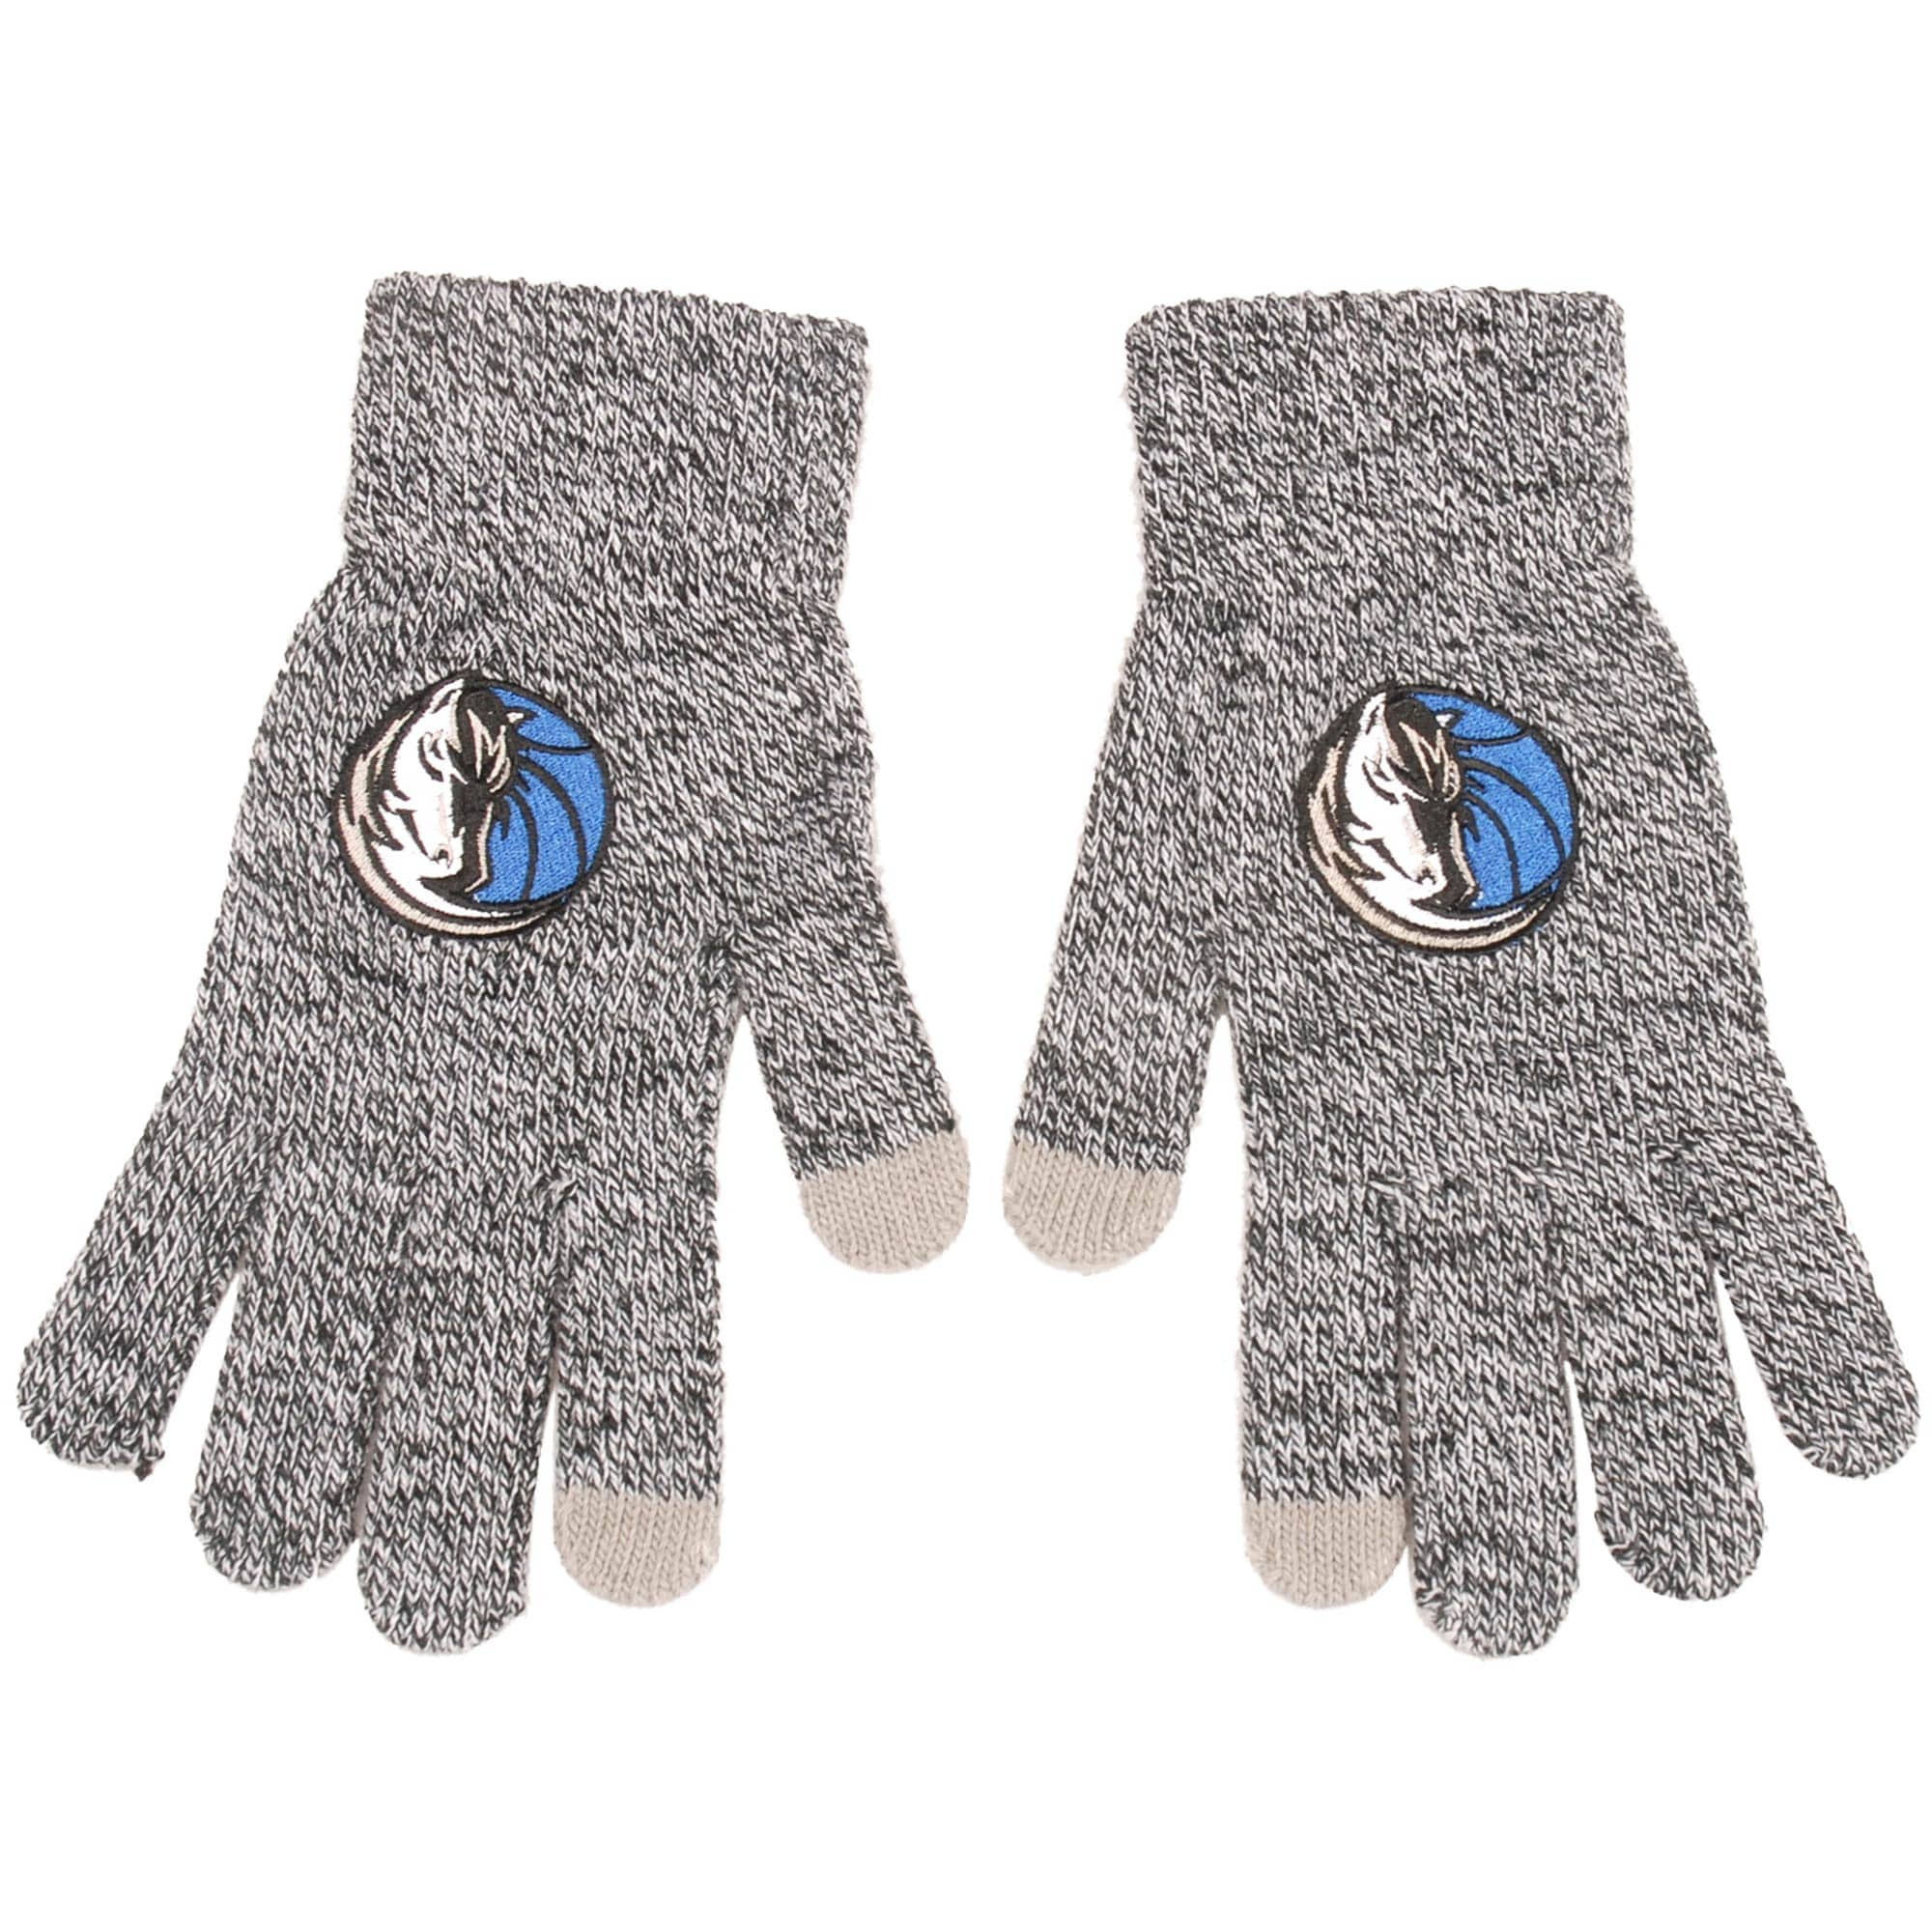 Dallas Mavericks Knit Gloves - Gray